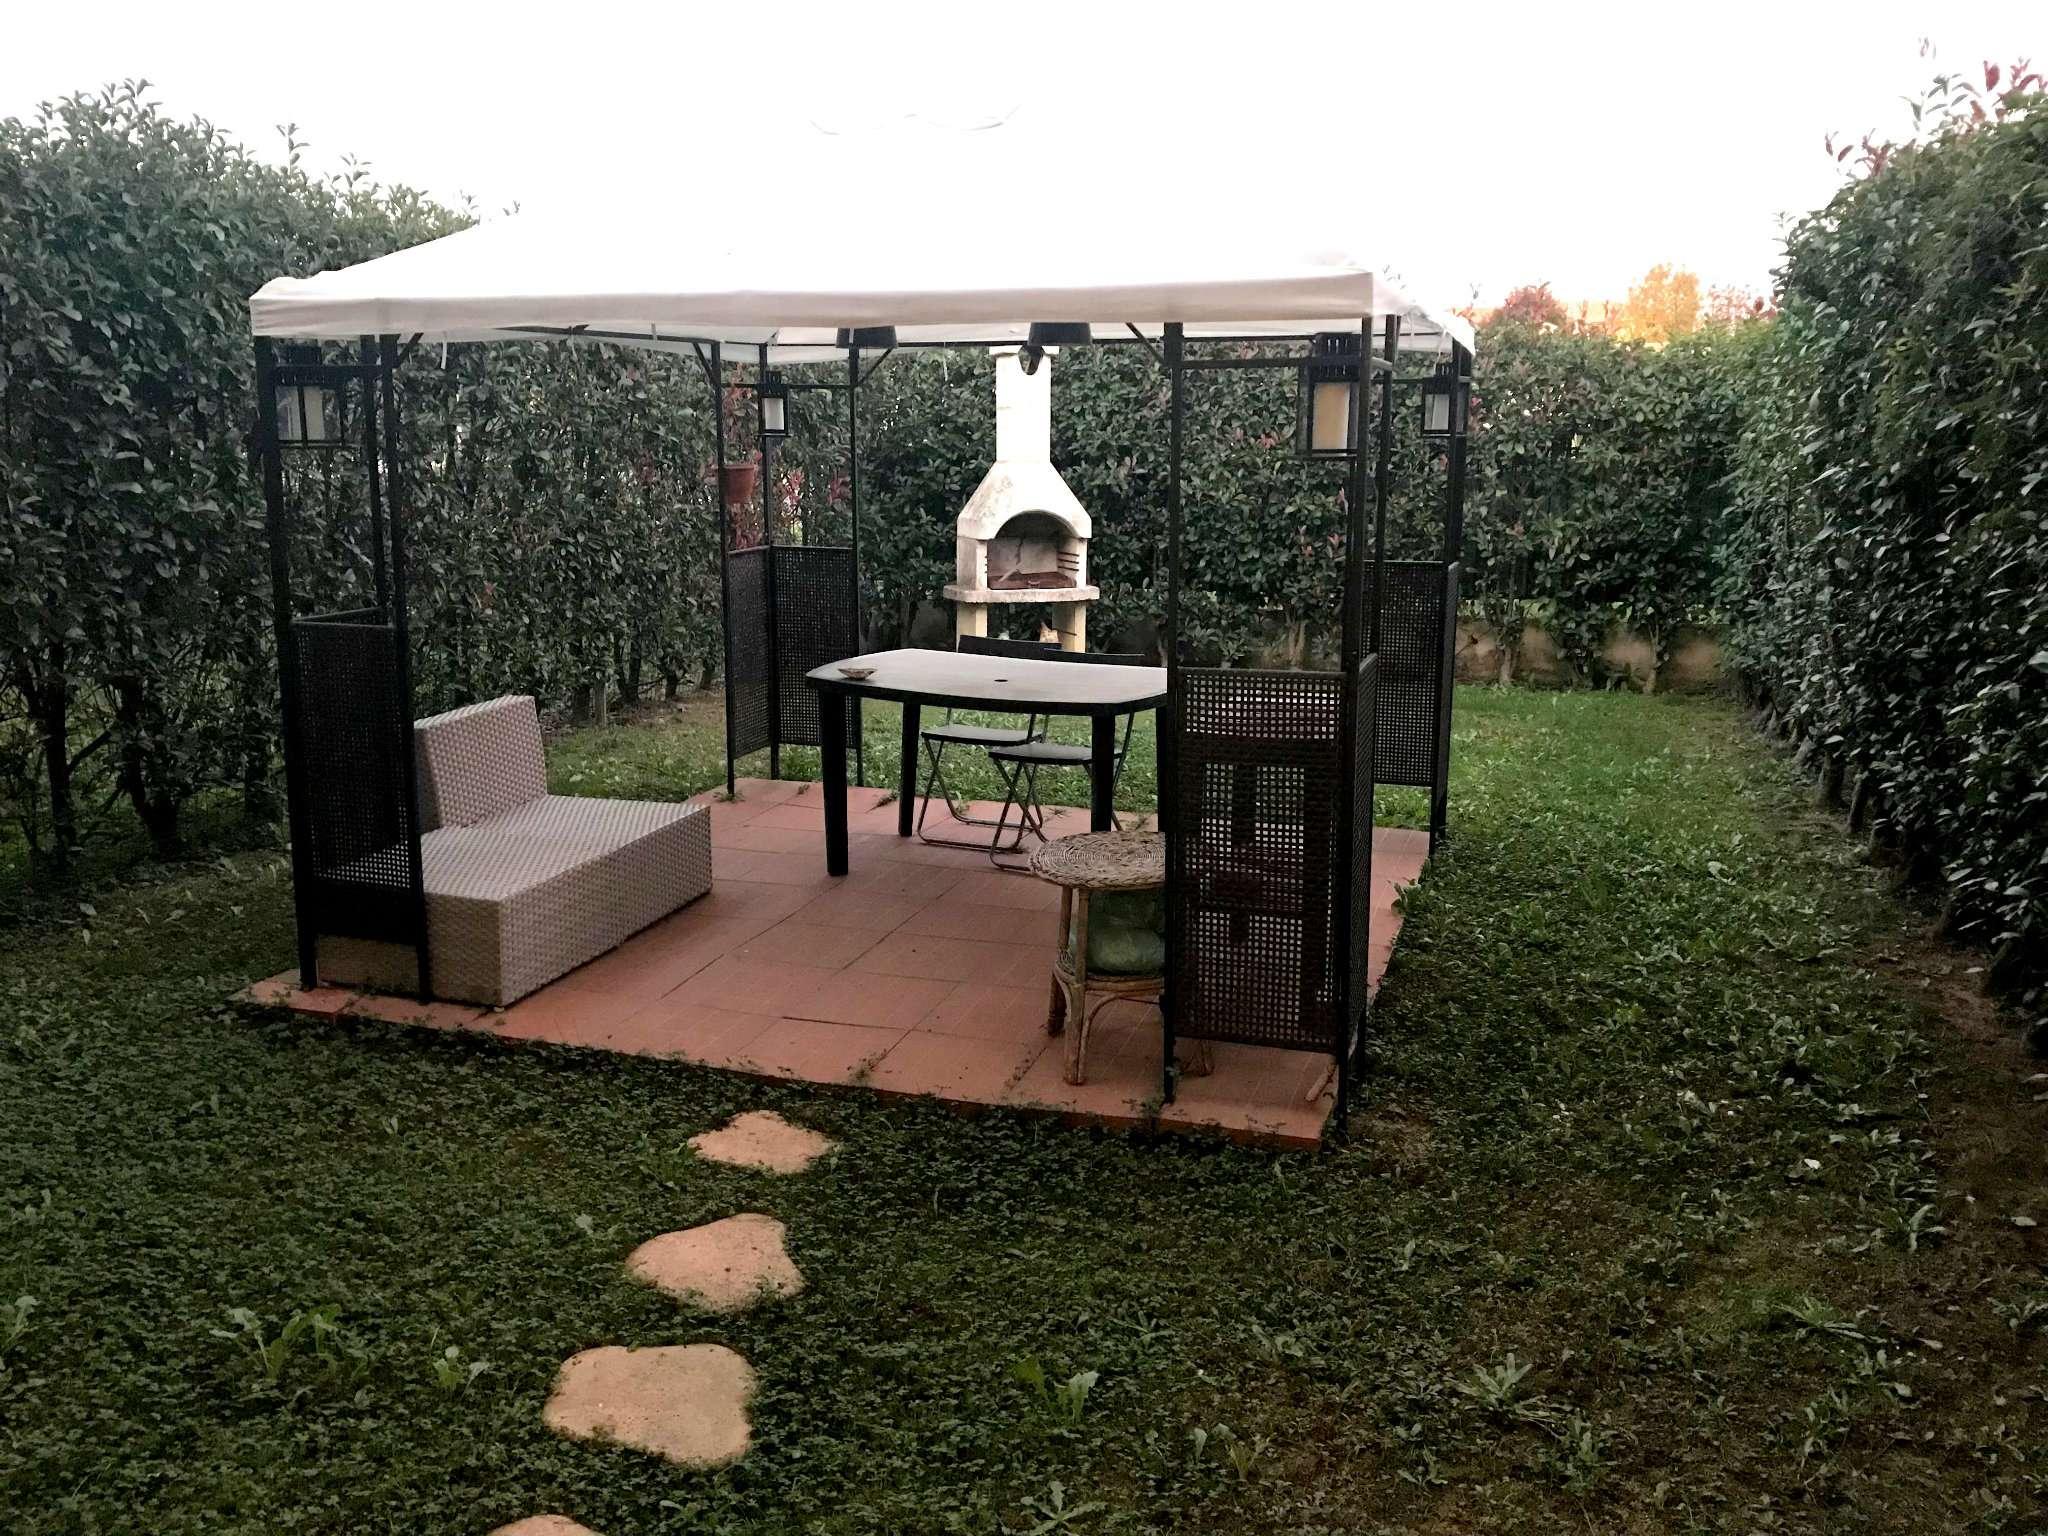 Appartamento in vendita a Gessate, 1 locali, prezzo € 78.000 | CambioCasa.it